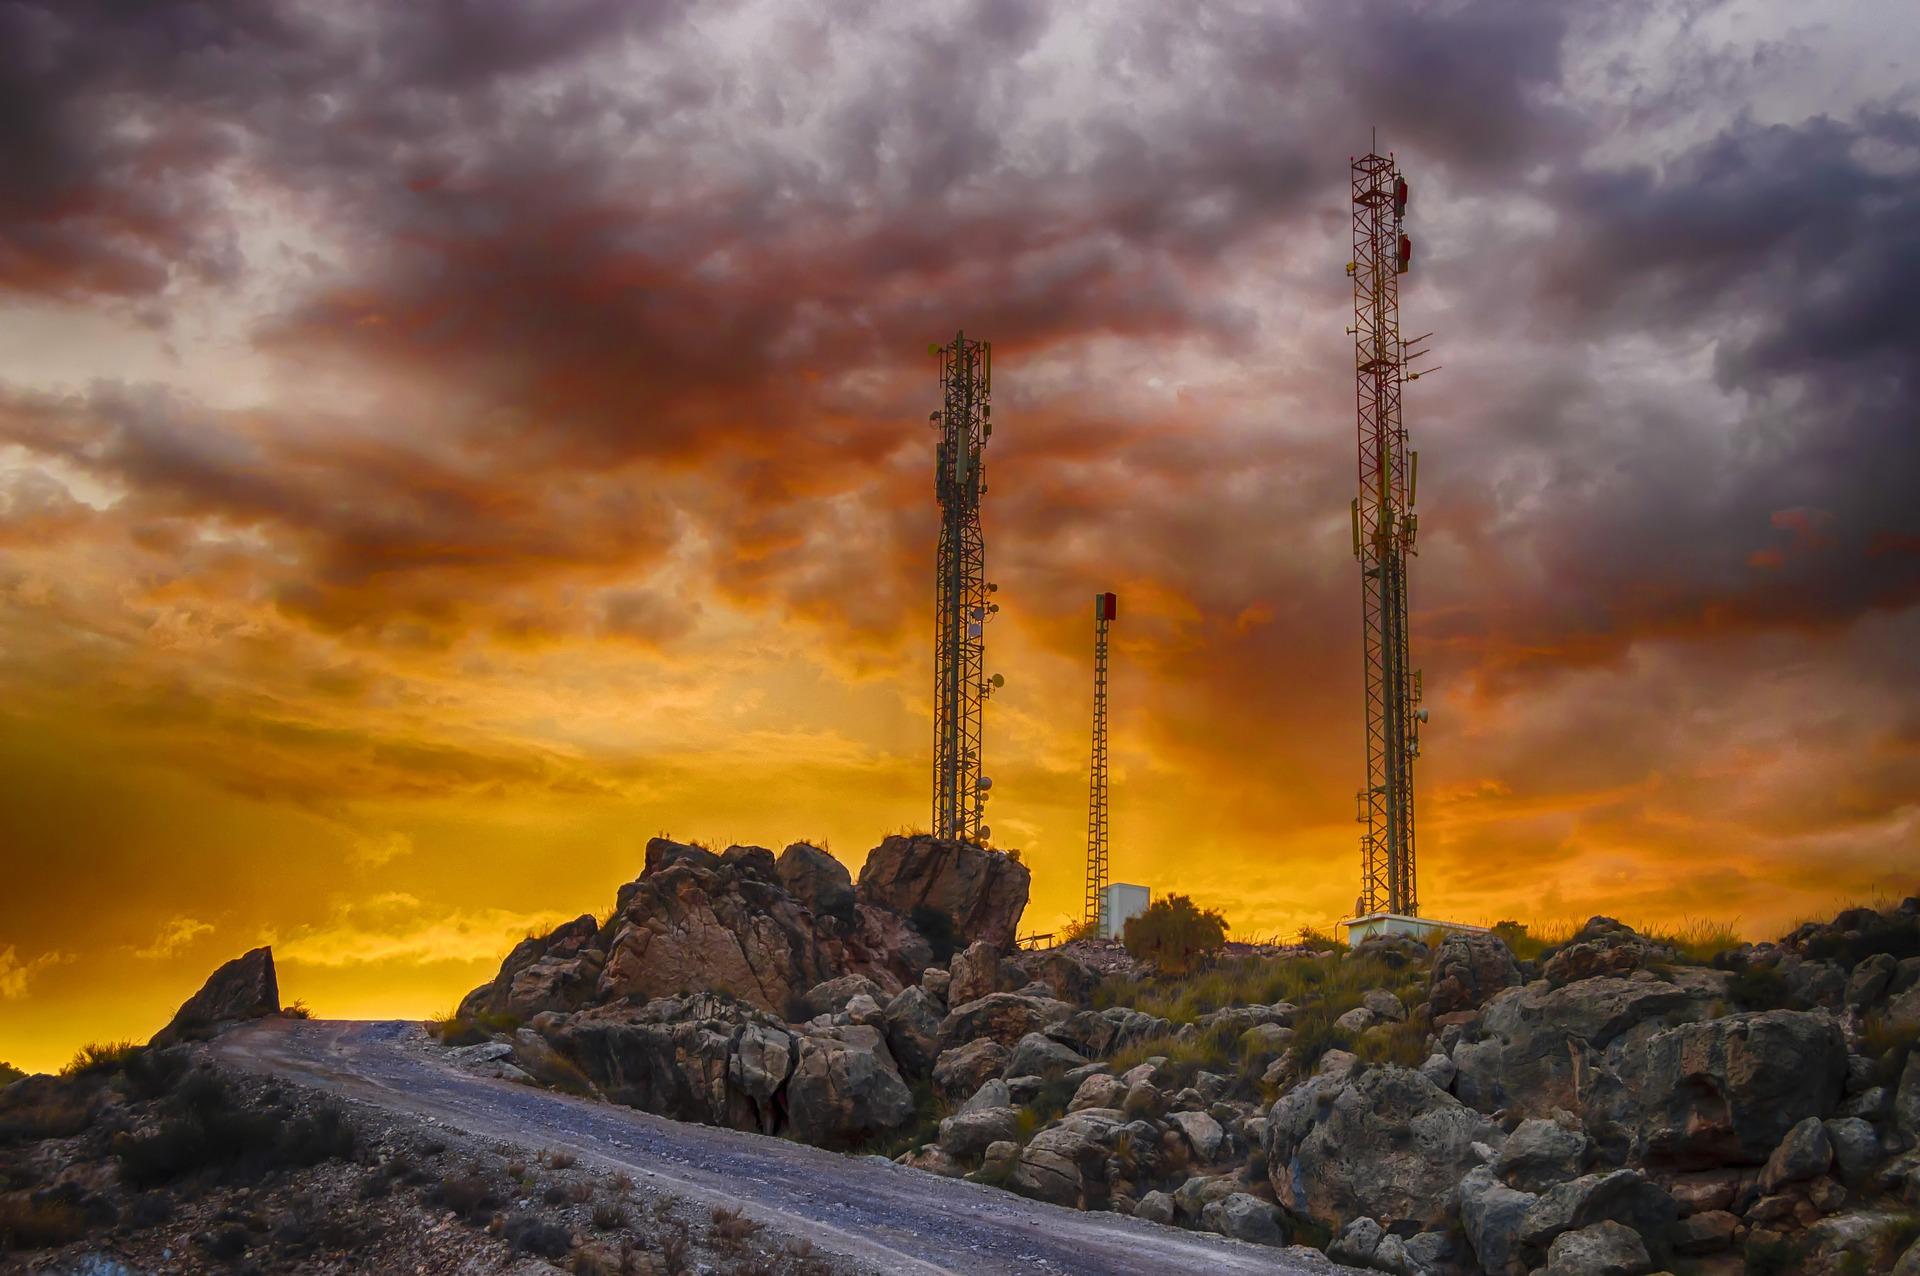 Słupek telekomunikacyjny wskaże miejsce prowadzenia sieci